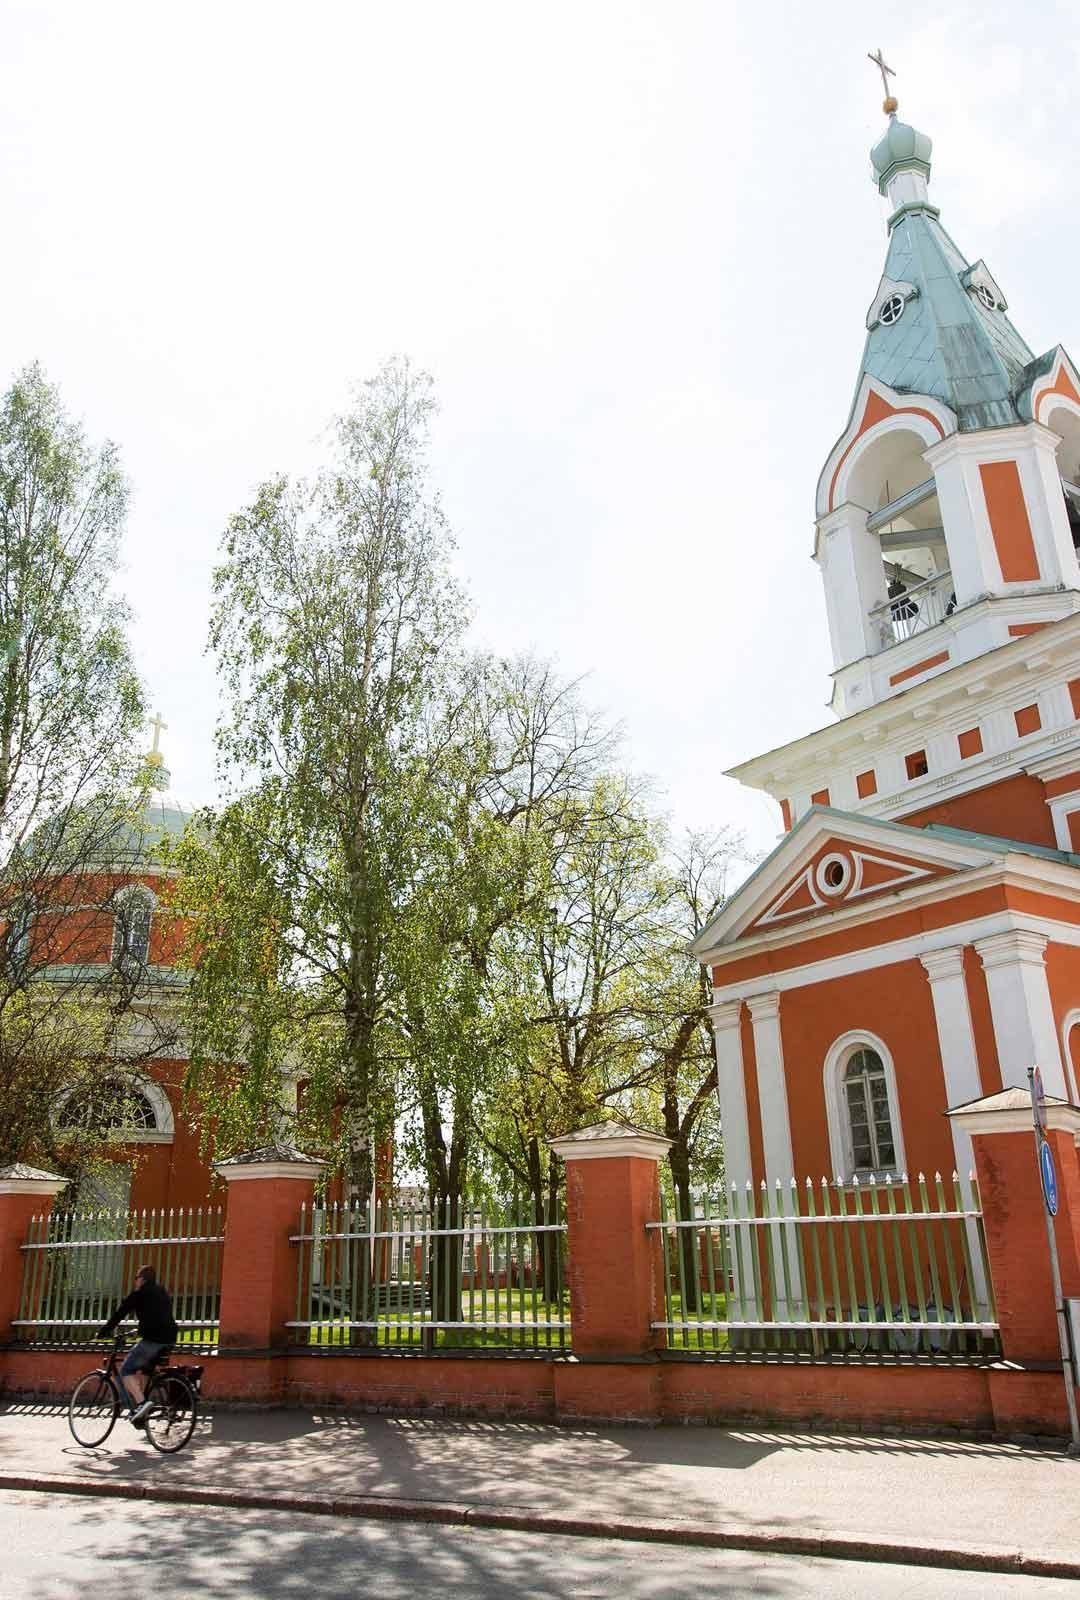 Raatihuoneentorin kupeessa sijaitsevan Haminan ortodoksisen seurakunnan kirkon pyörötemppeli viehättää uusklassisella ja bysanttilaisella ulkomuodollaan. Vuonna 1837 valmistuneen rakennuksen suunnitteli ranskalainen Louis Visconti.